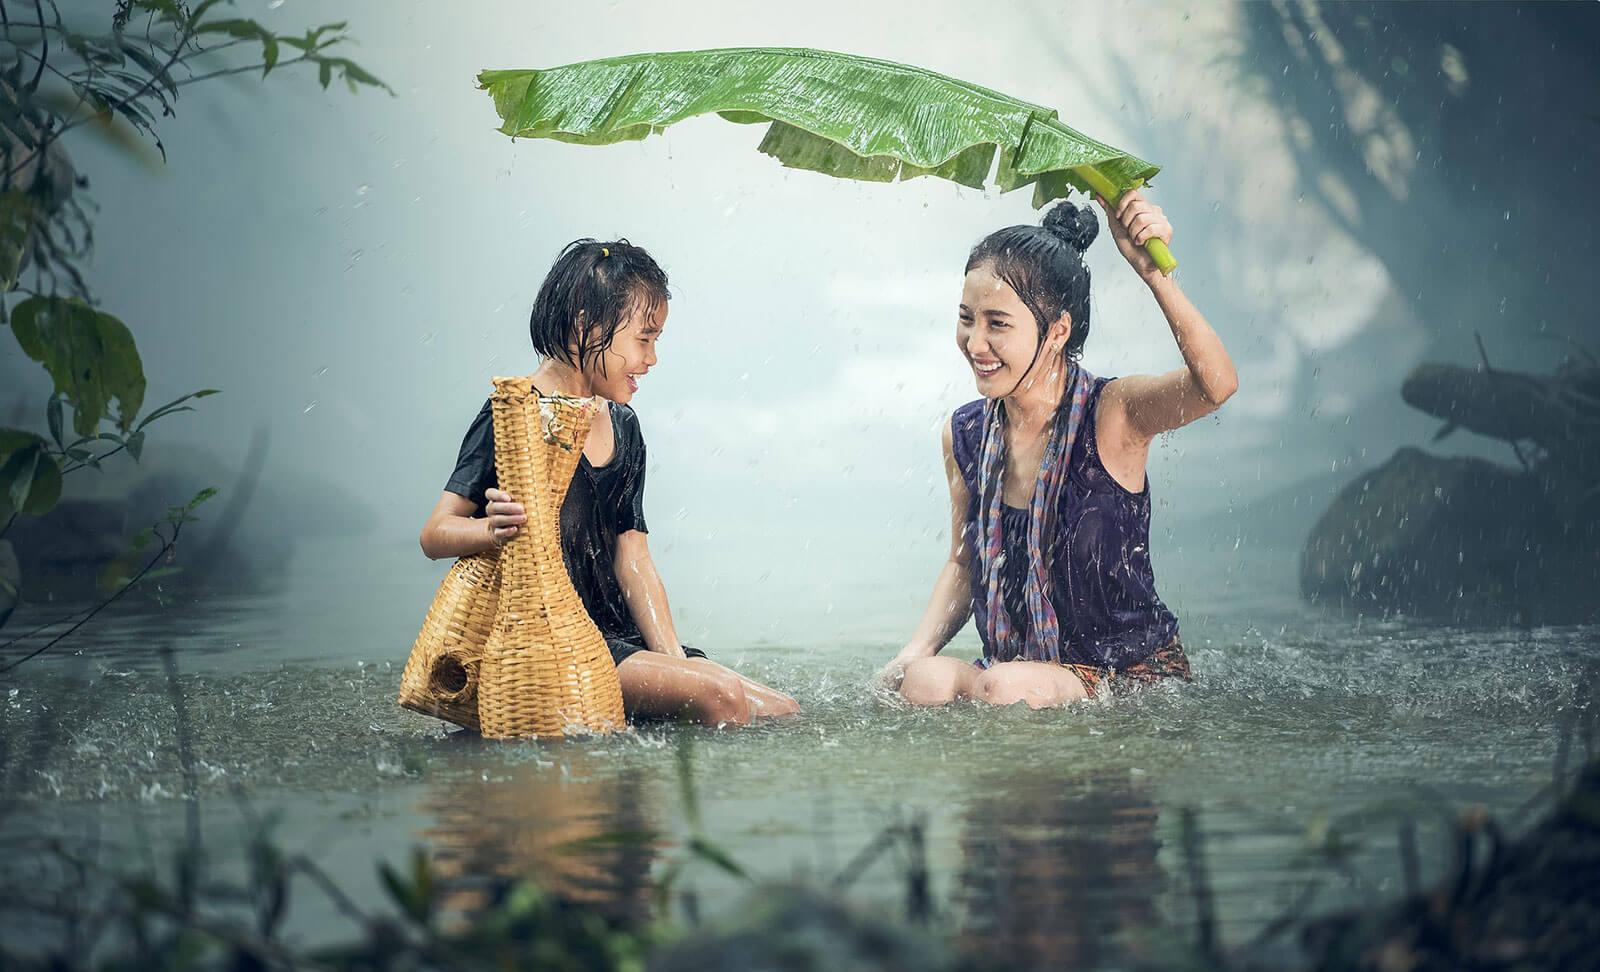 Mulheres asiáticas dentro de um rio, protegidas da chuva com folha de bananeira.